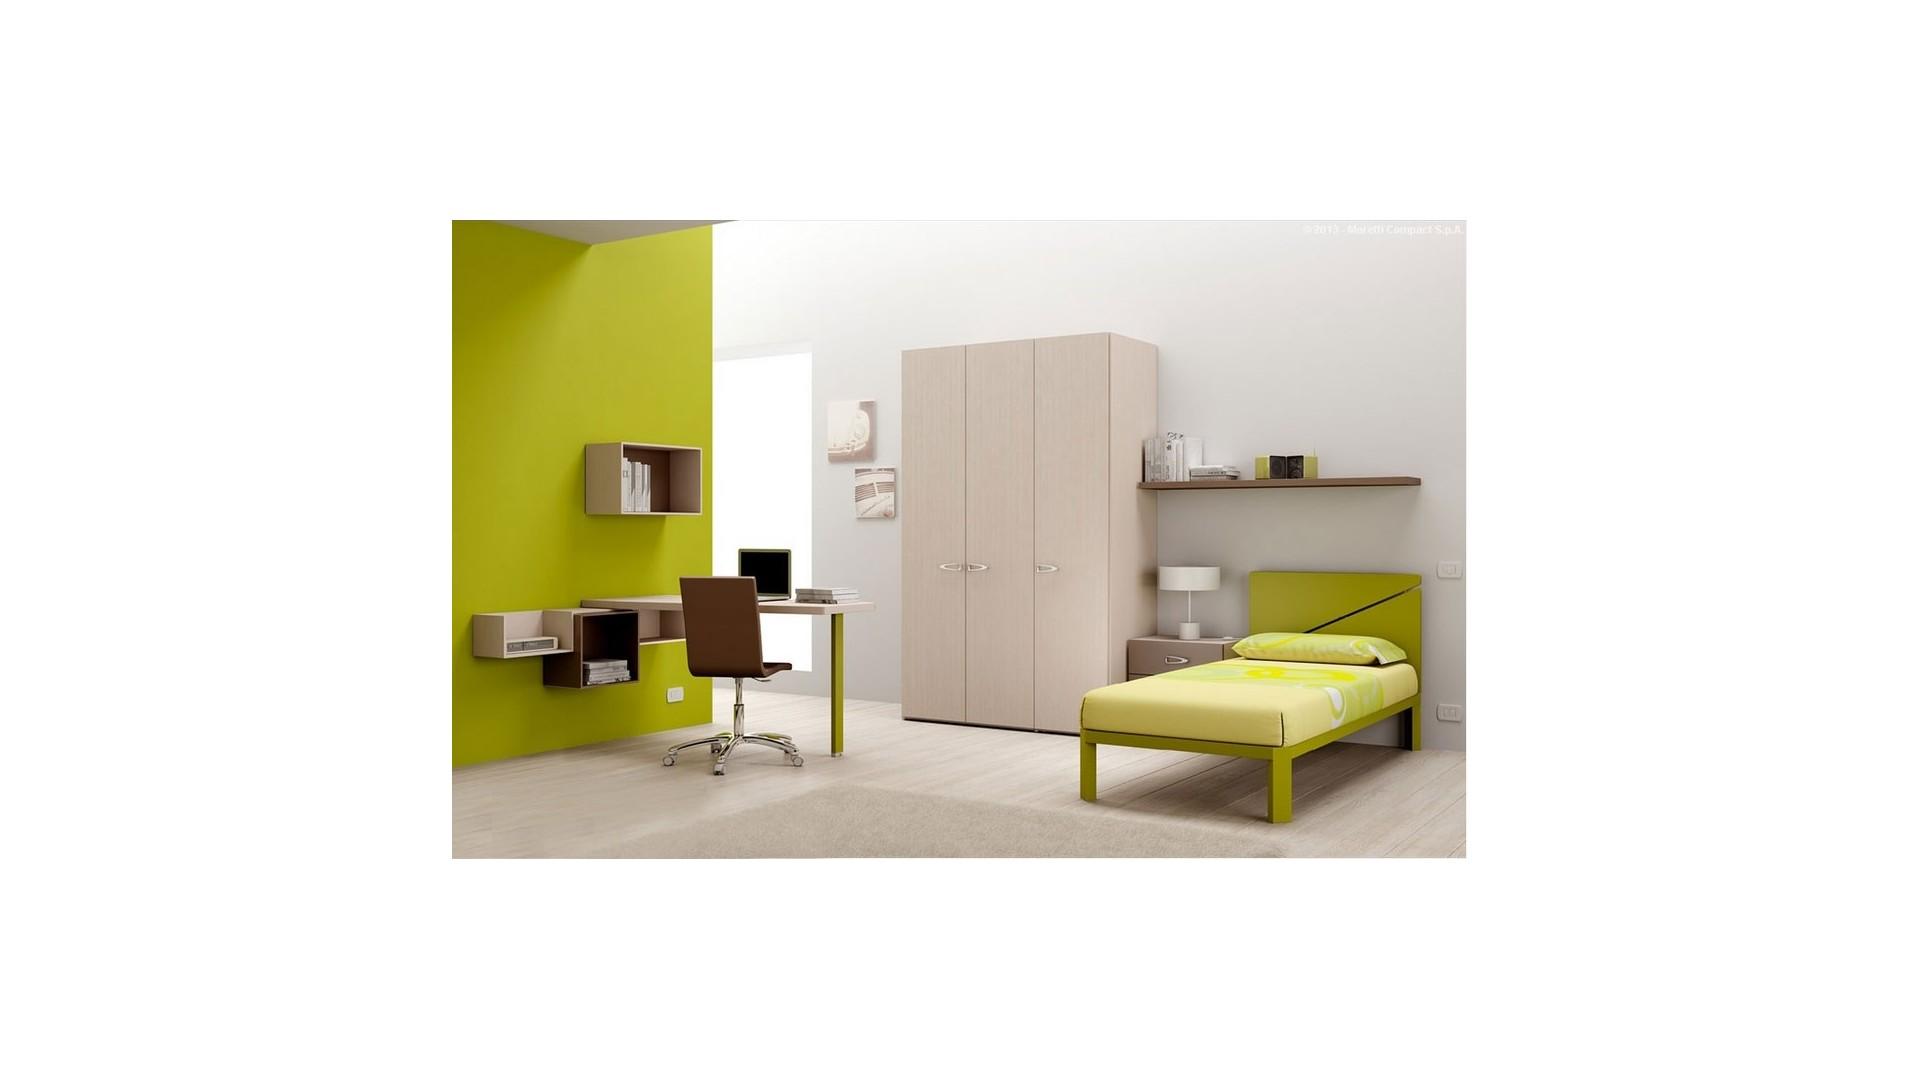 Chambre enfant PERSONNALISABLE BF51 avec lit 1 personne - MORETTI COMPACT